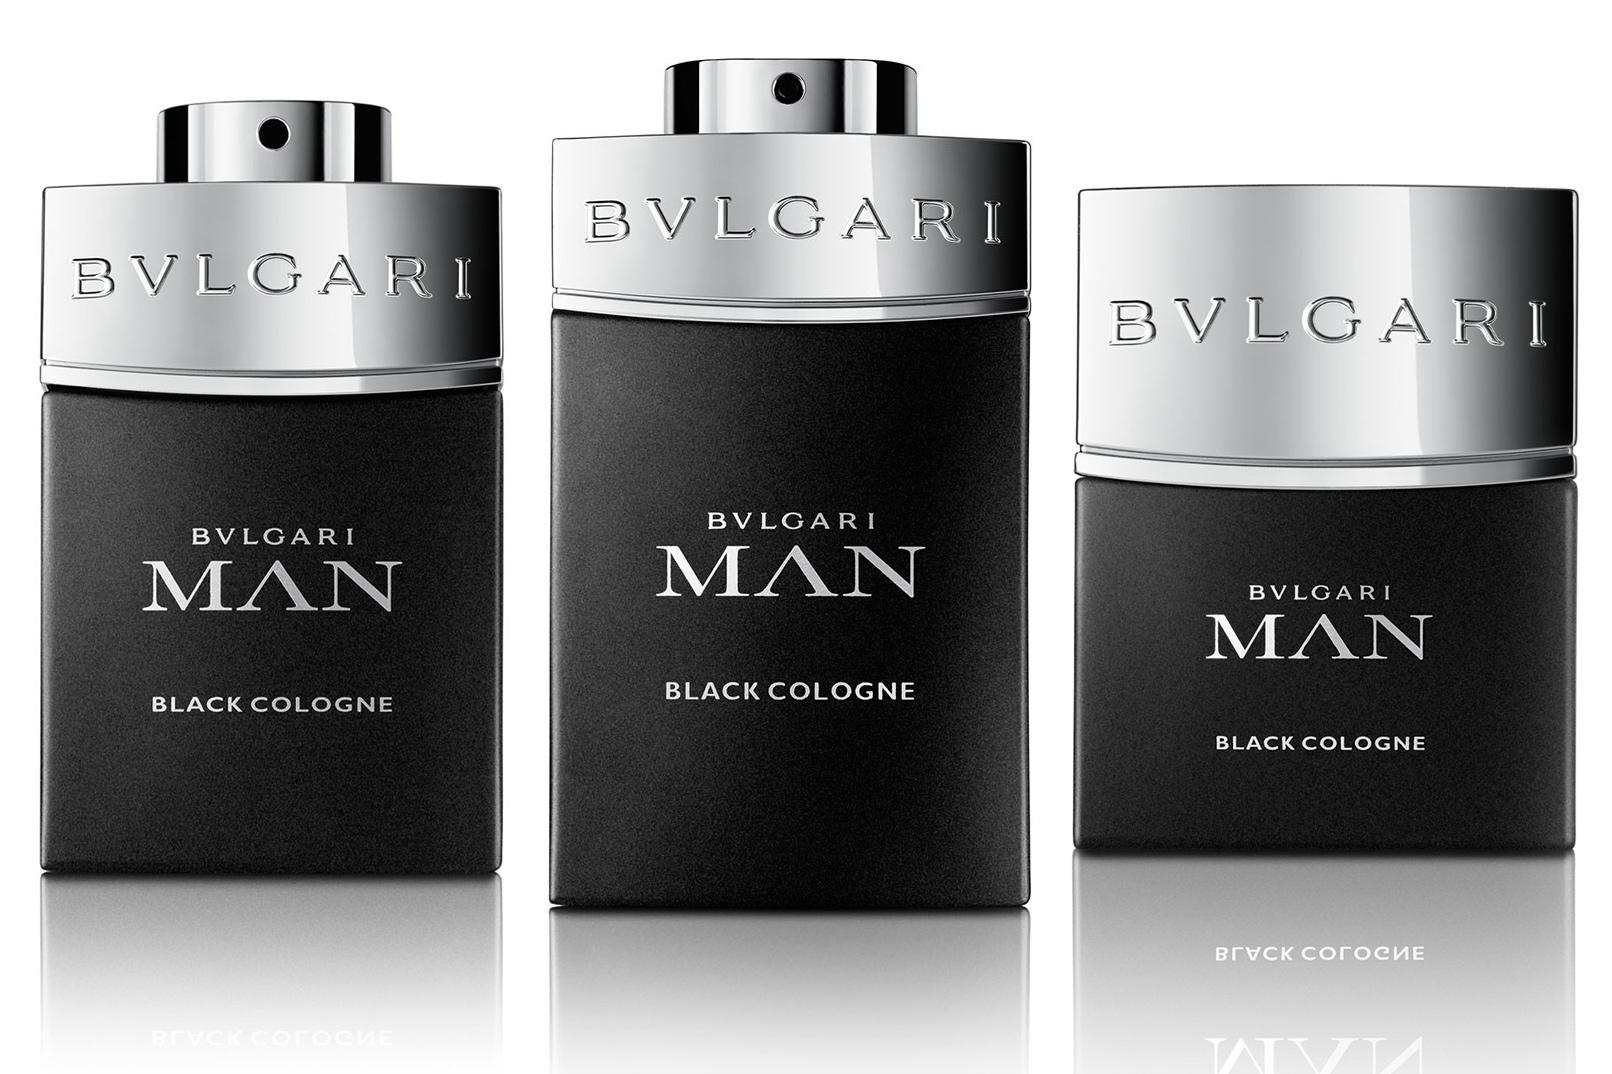 man black cologne bvlgari cologne un nouveau parfum pour homme 2016. Black Bedroom Furniture Sets. Home Design Ideas